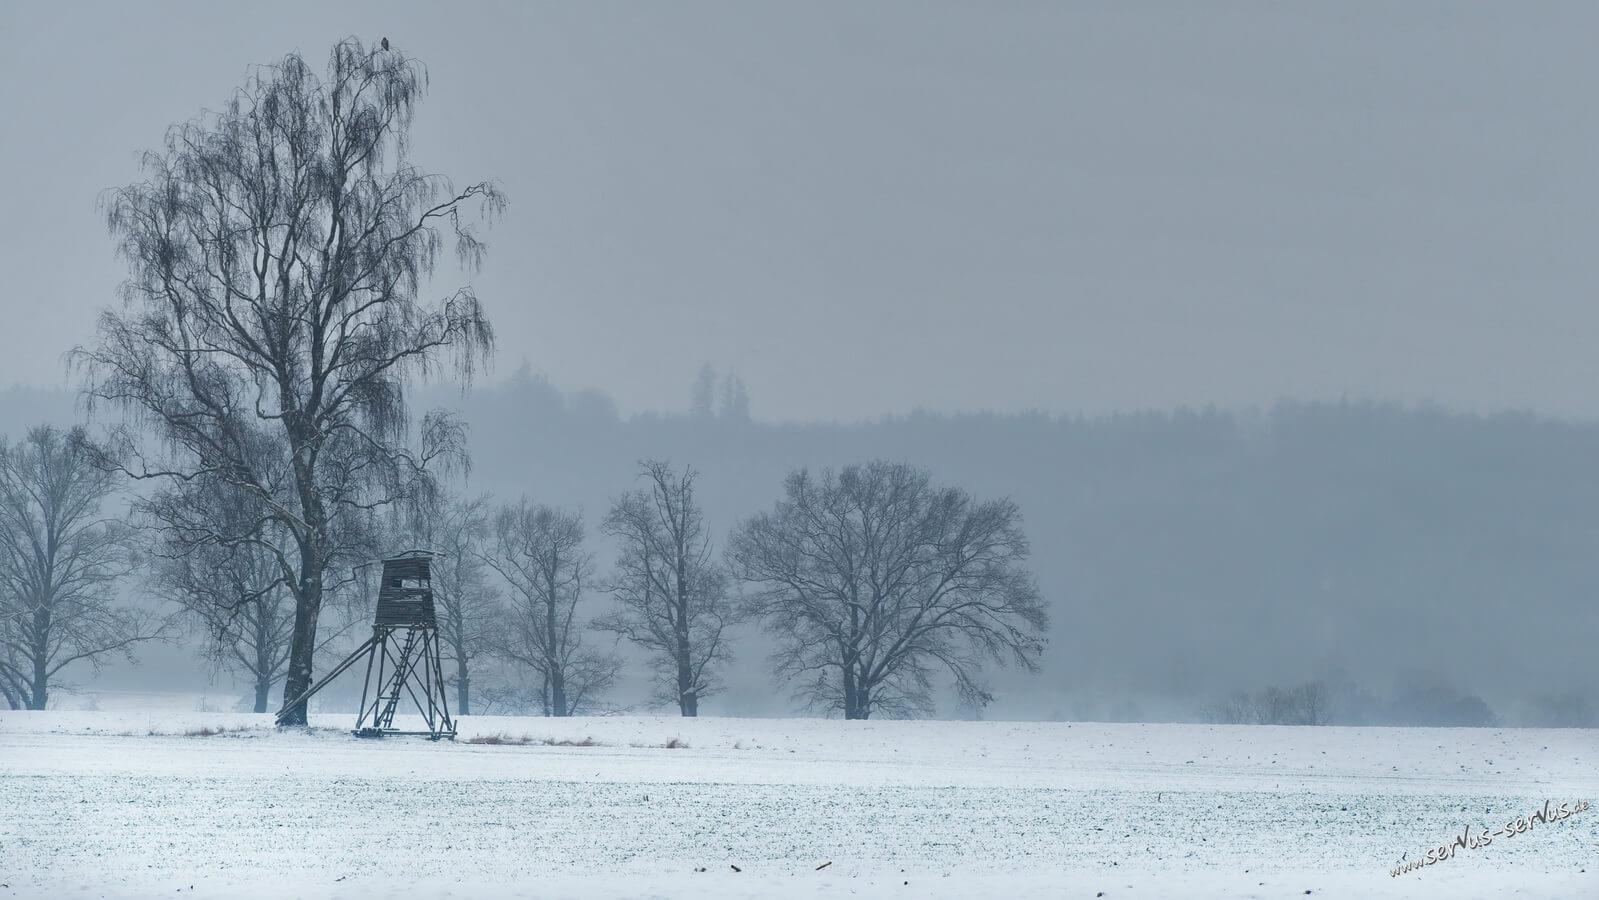 Schnee, Jägerstand und eine Birke im Nebel